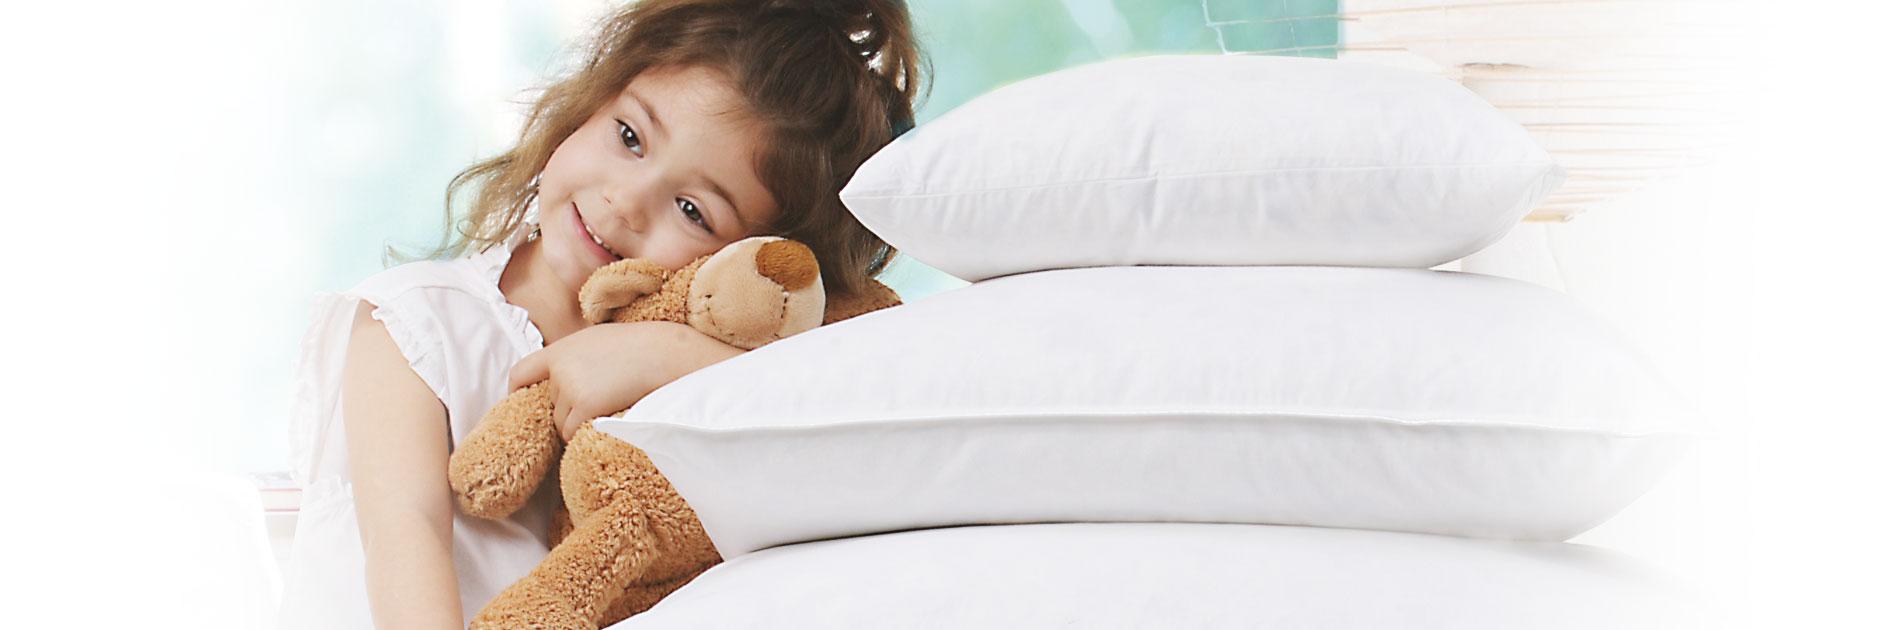 In einen himmlischen Schlaf finden Sie mit den geeigneten Bettwaren.